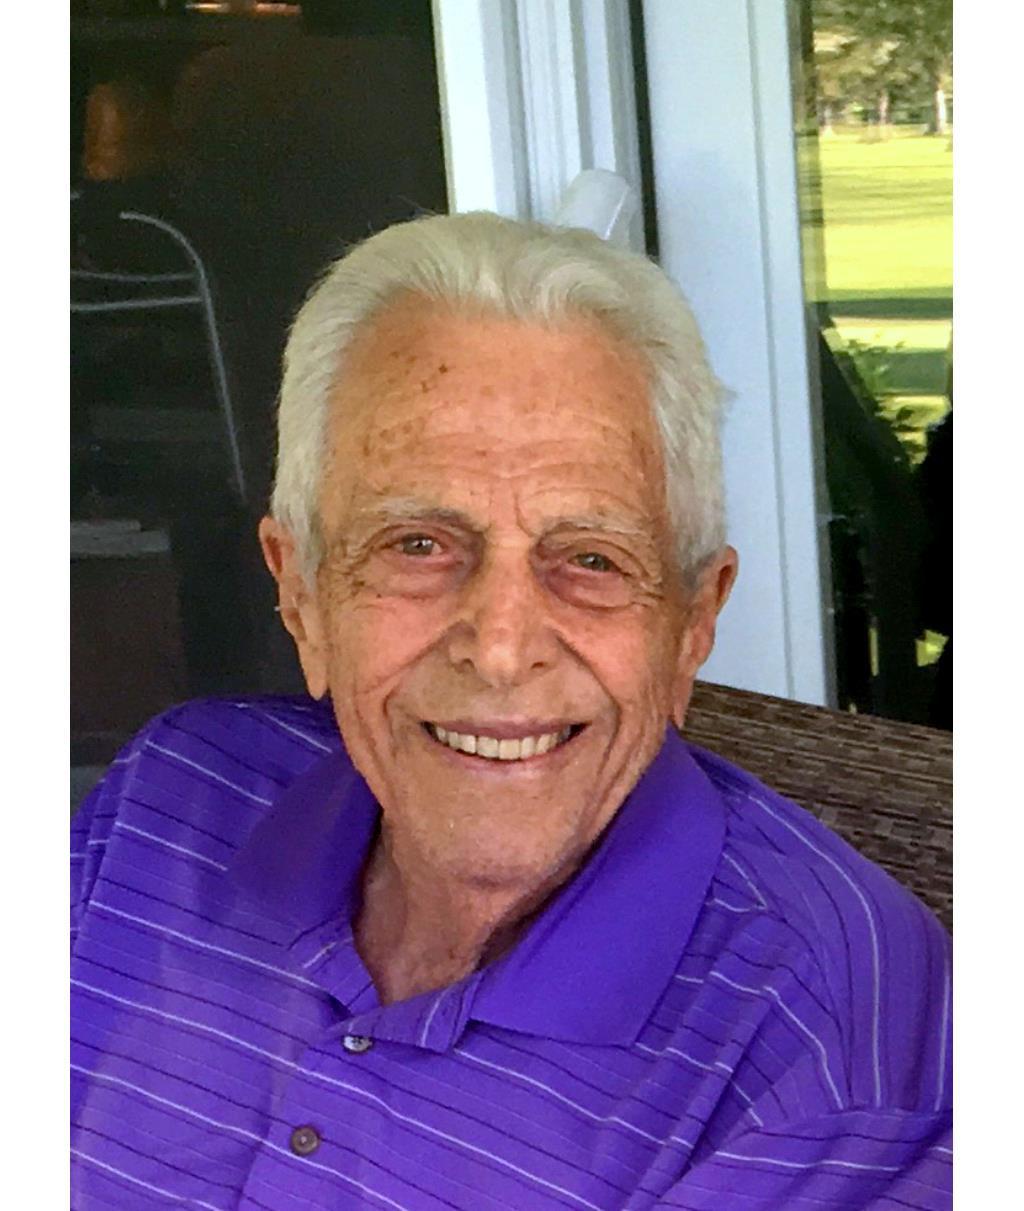 Paul J. Villano